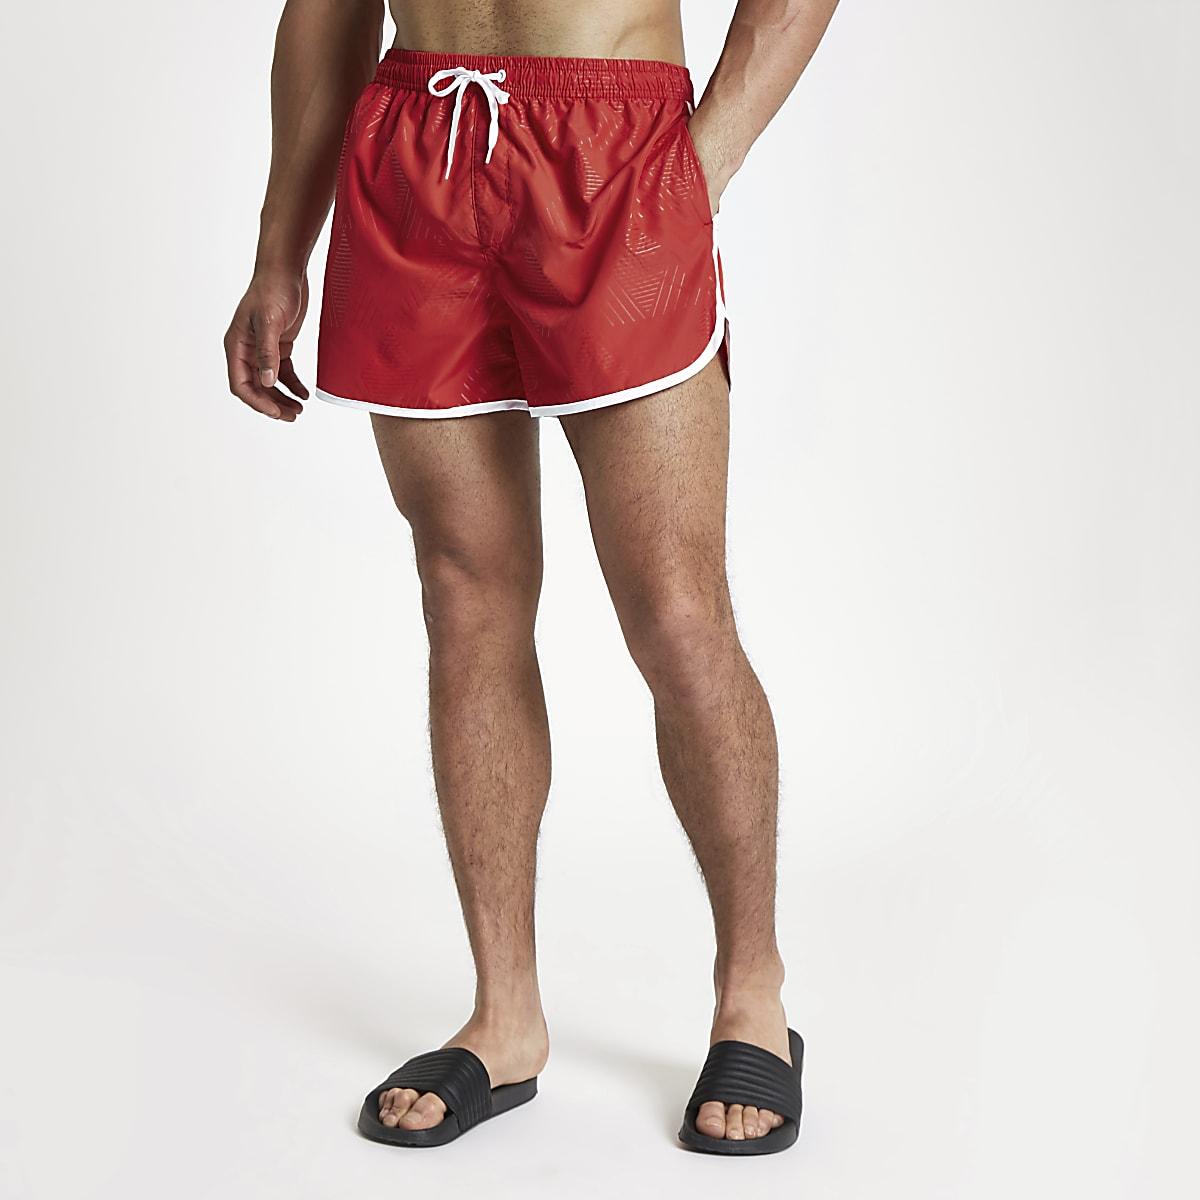 Football Bolt red runner swim shorts